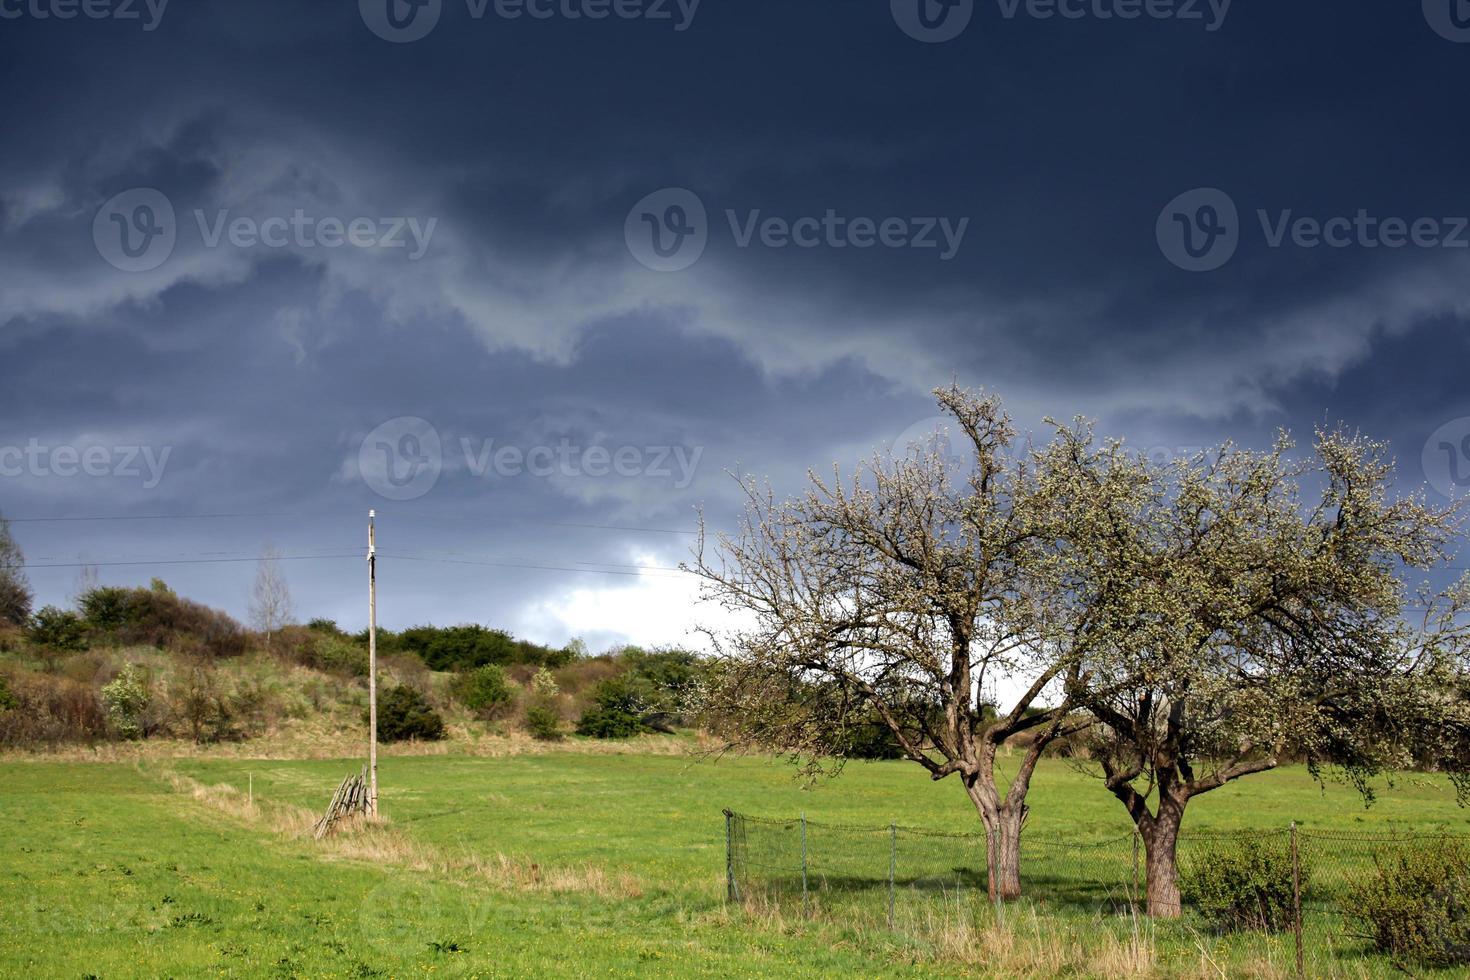 cuando viene la tormenta foto